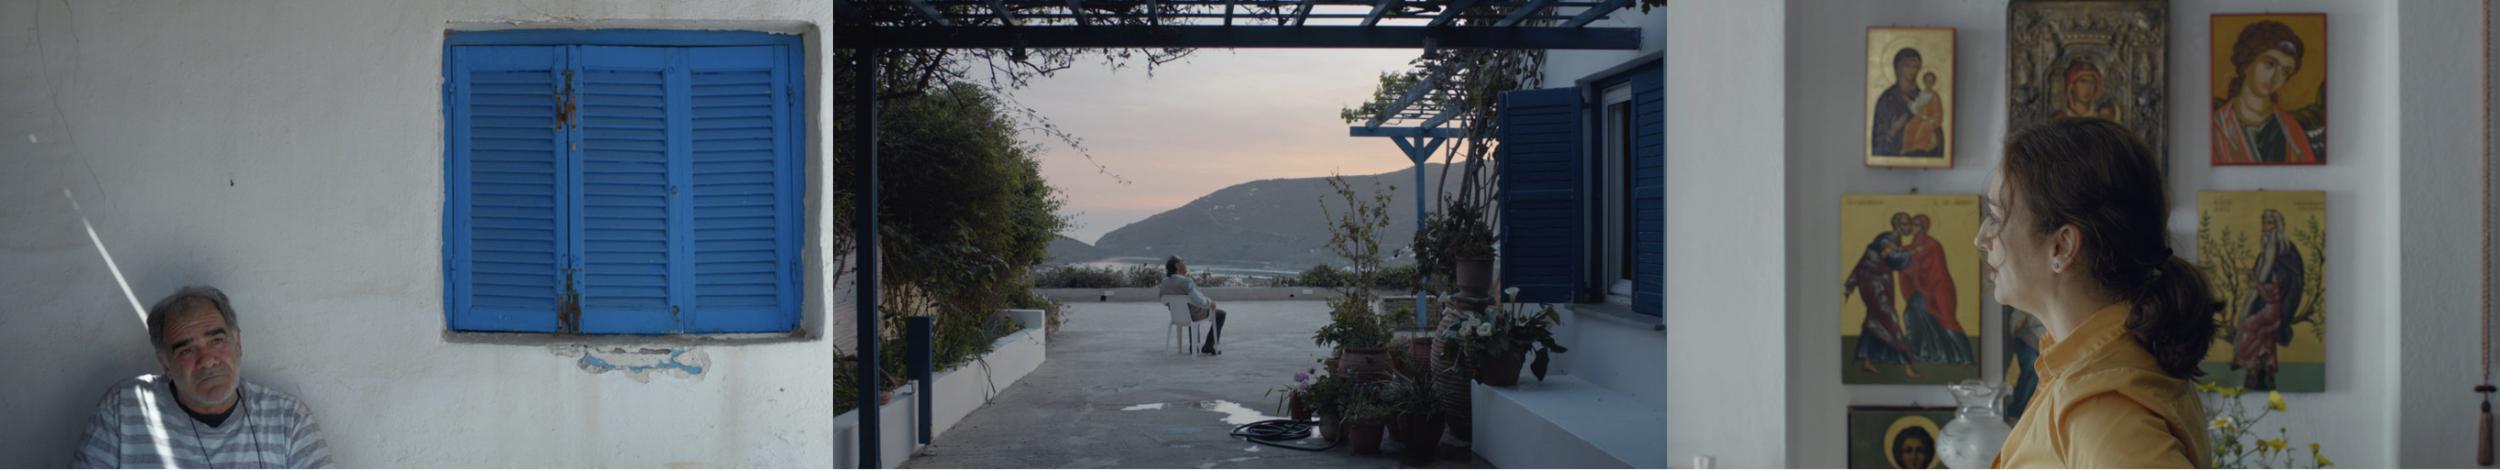 Meltemi (Short, Greece 2017)